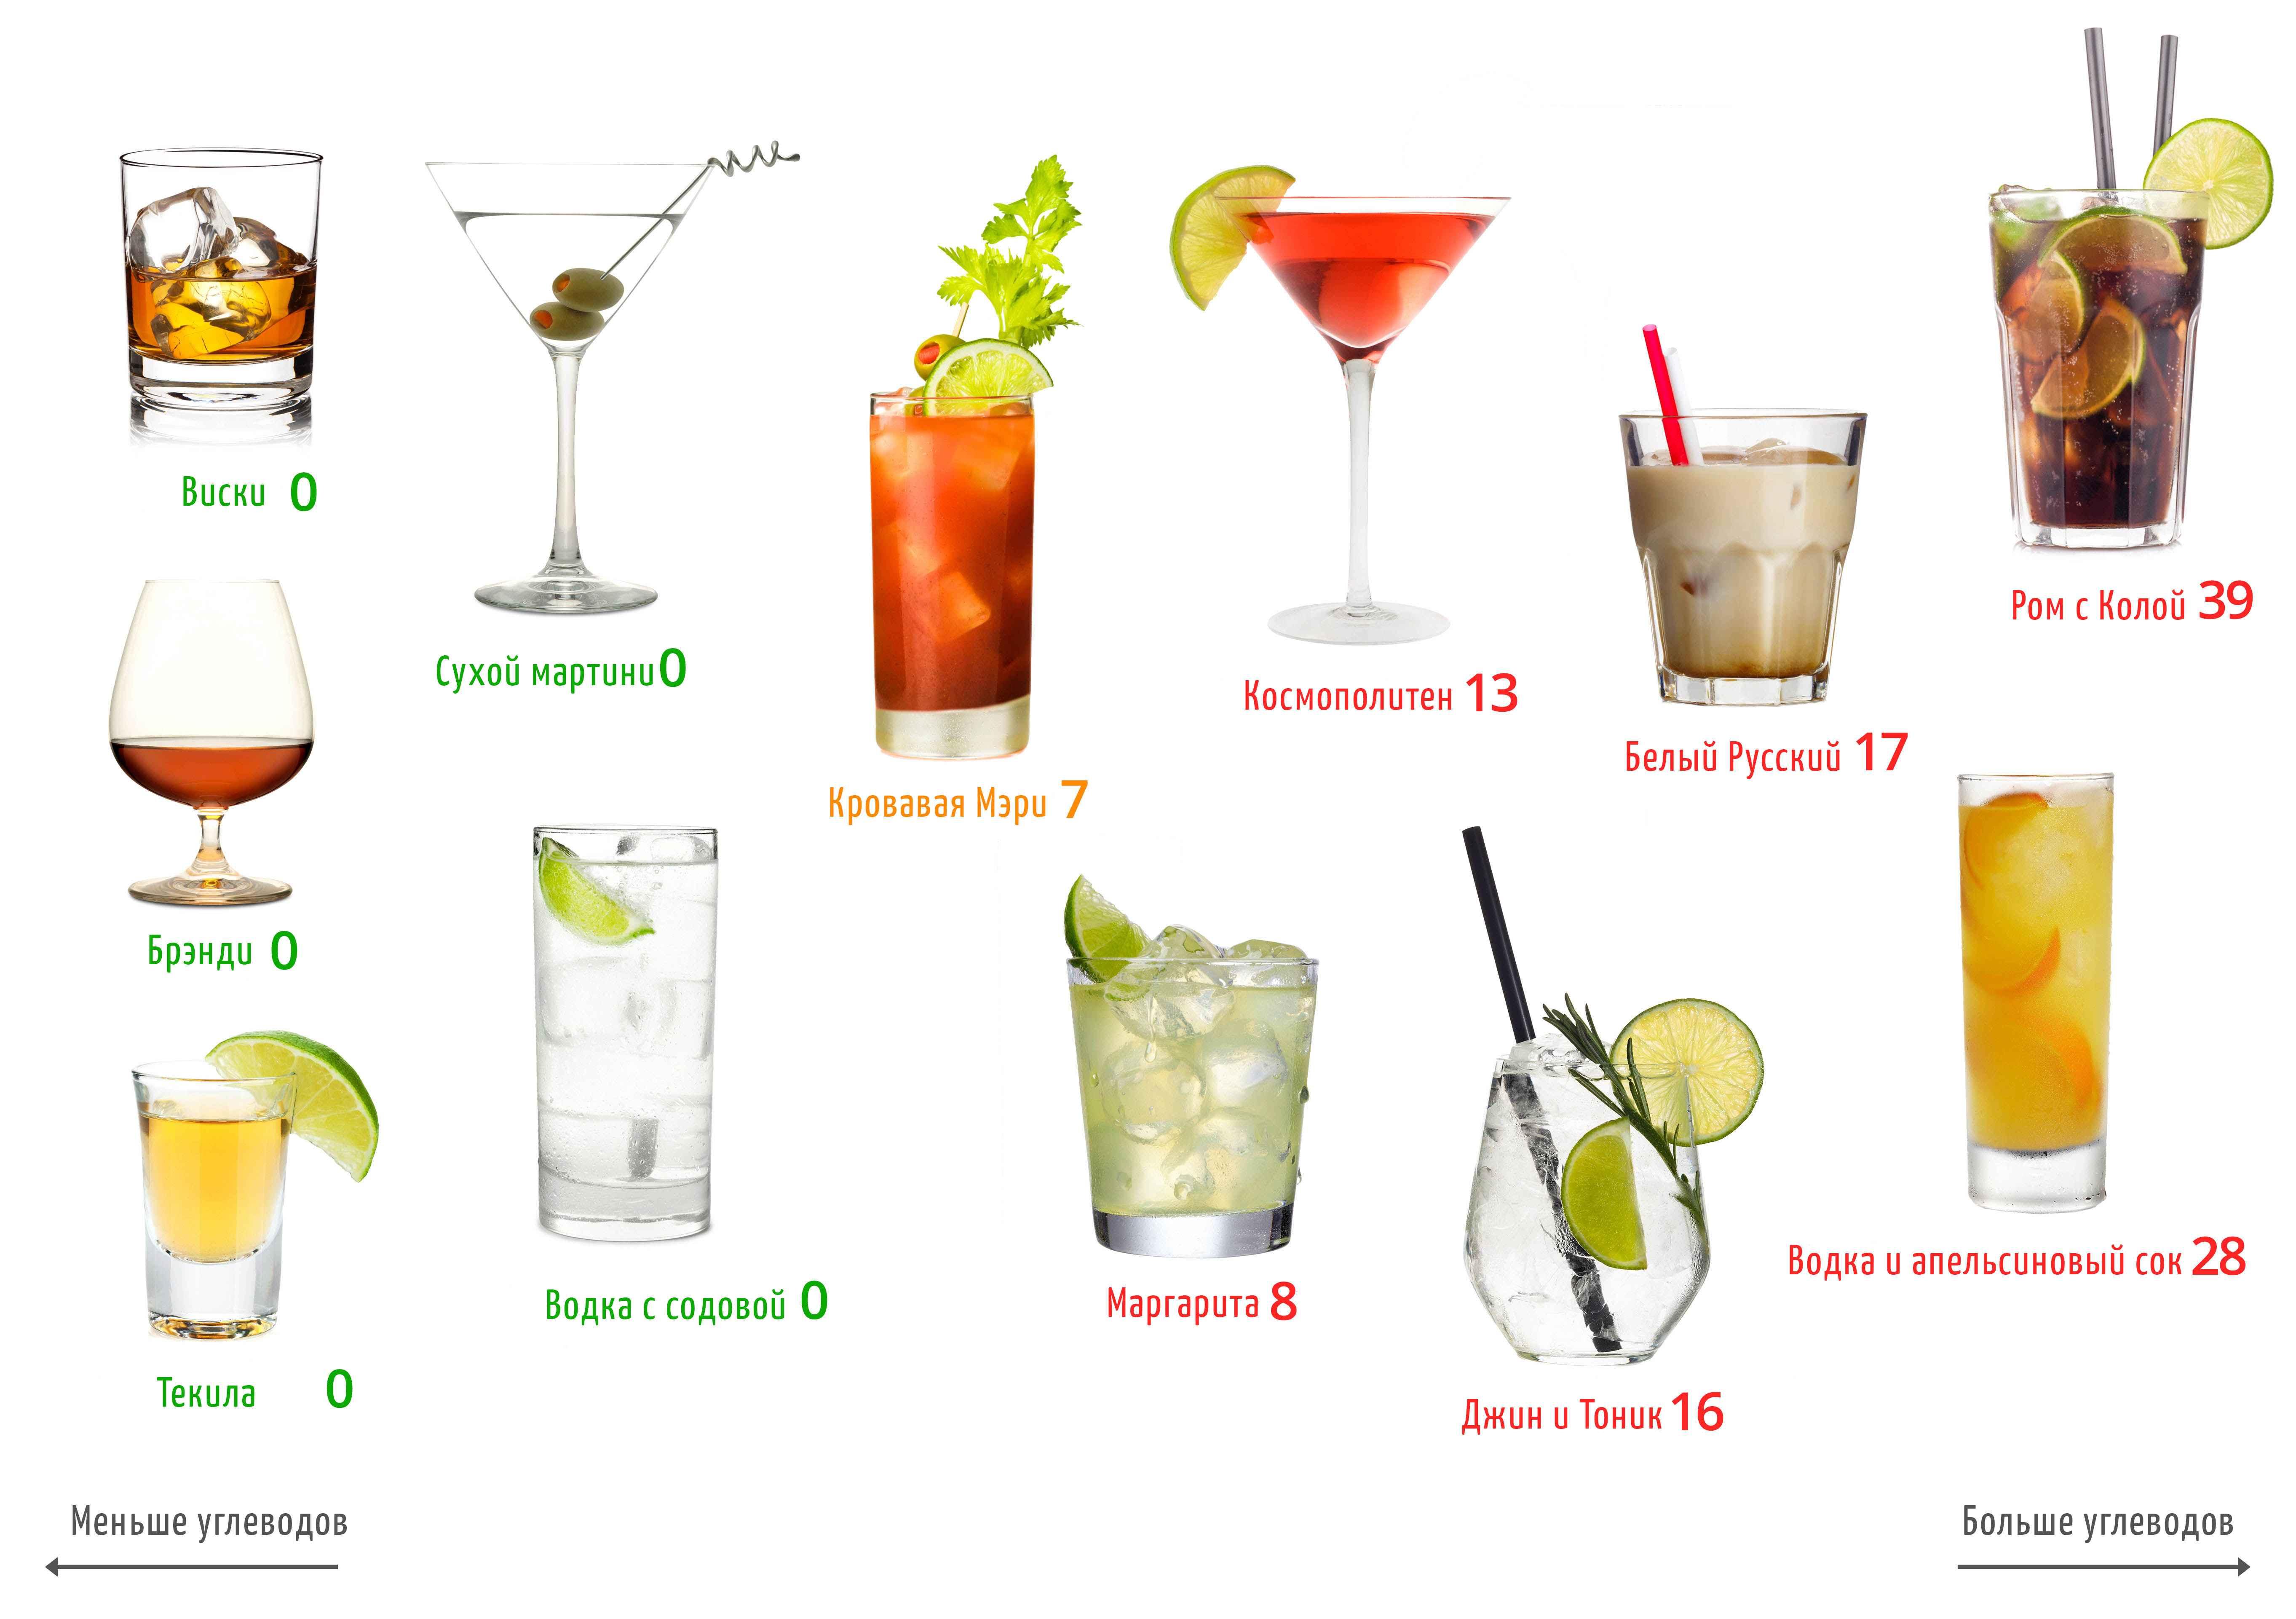 Что это такое шот алкогольный?